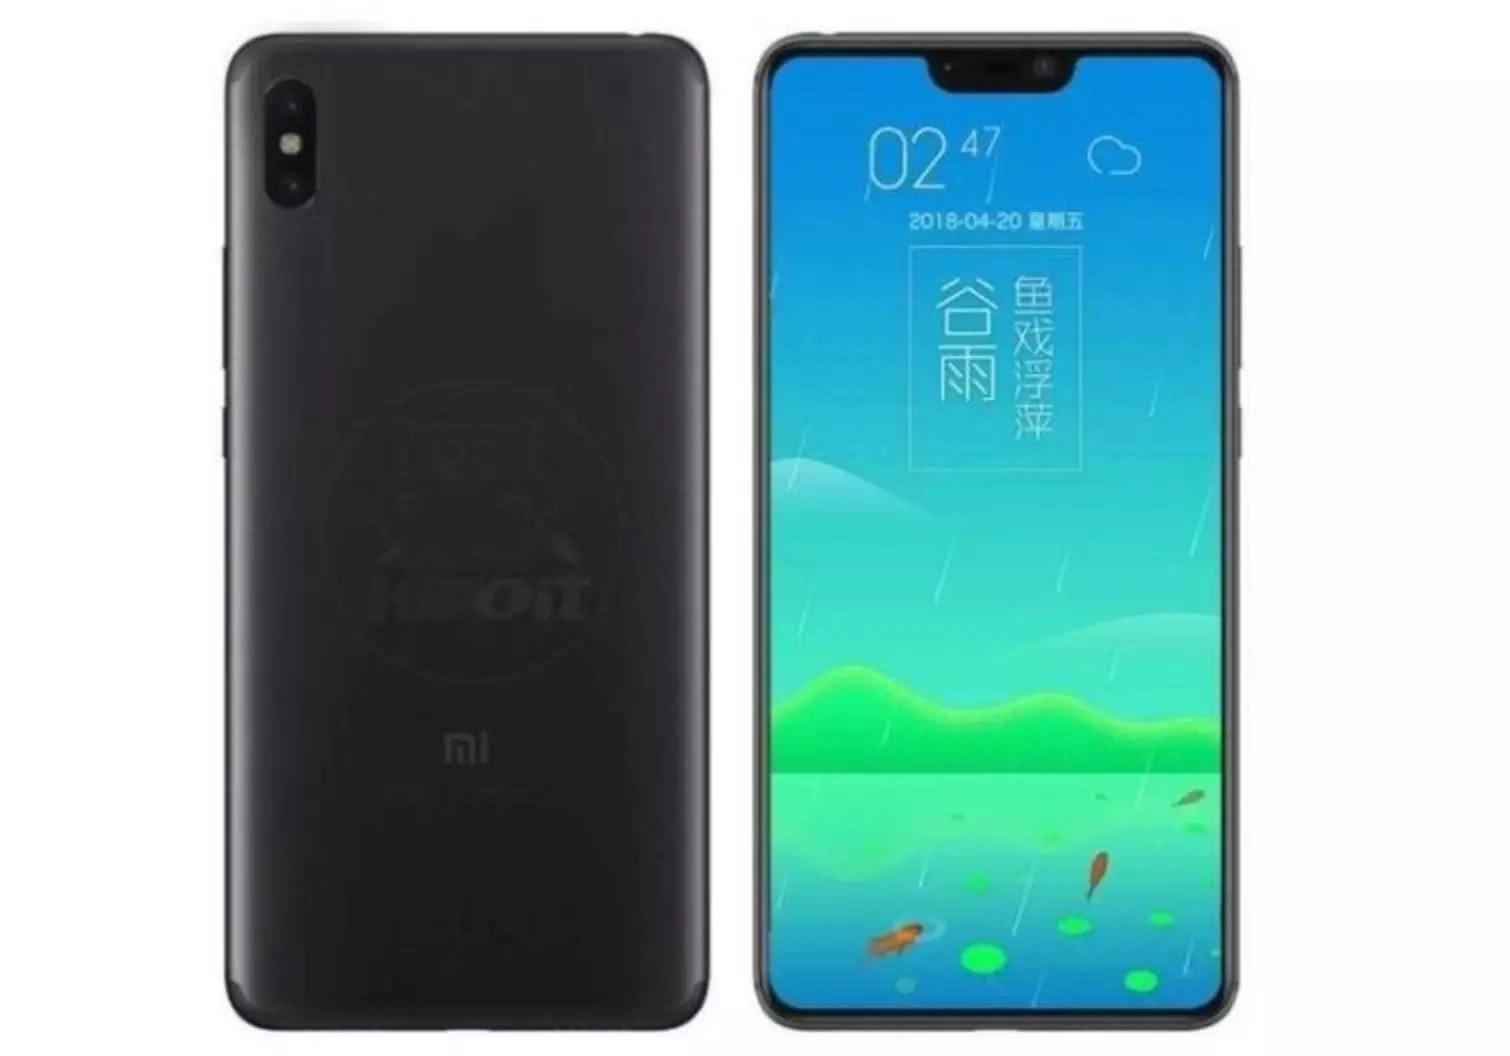 Xiaomi Mi 7 appare nello shop ufficiale della casa cinese